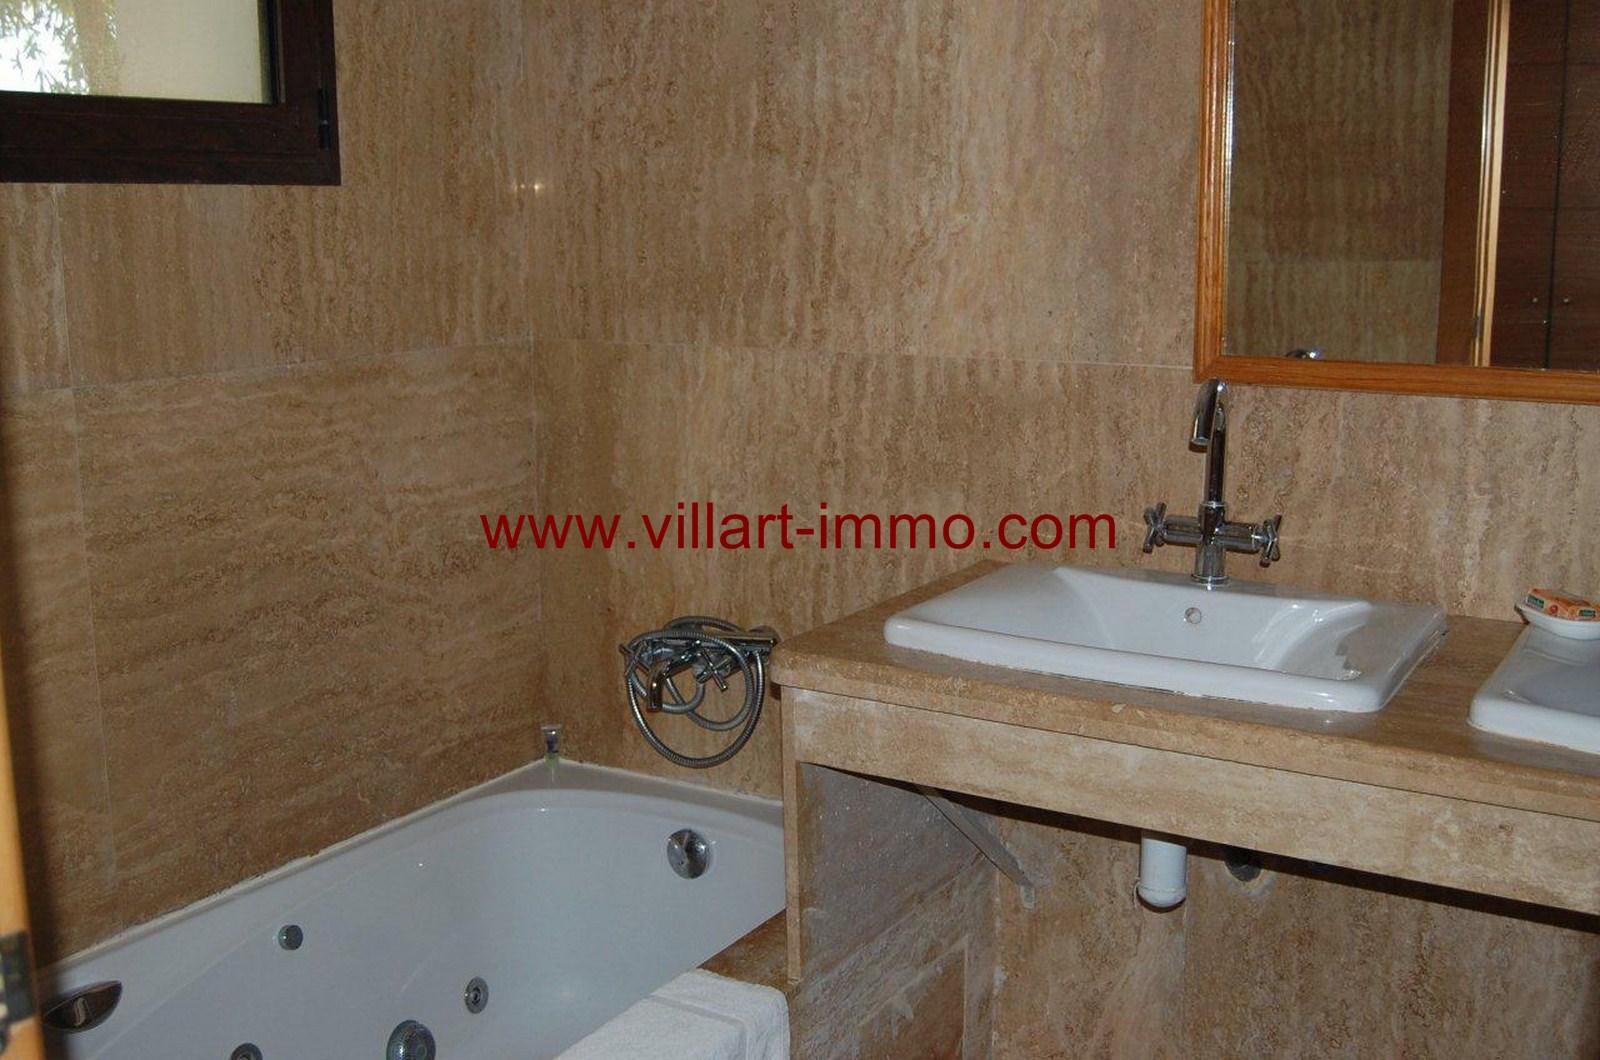 8-vente-appartement-tanger-achakar-salle-de-bain-va388-villart-immo